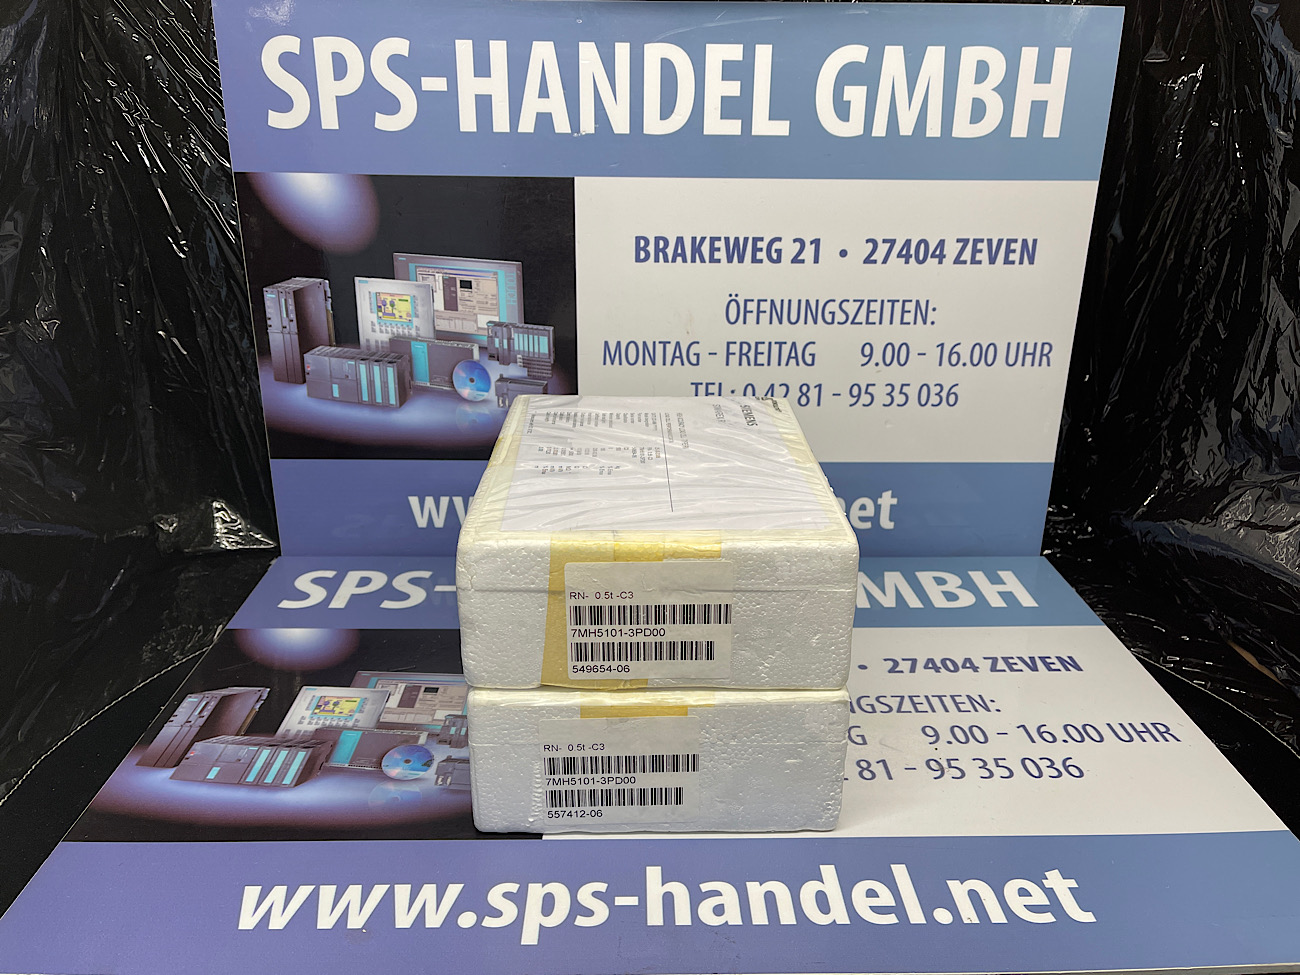 7MH5101-3PD00 | SIWAREX R WAEGEZELLE | NEU Siegel 40%